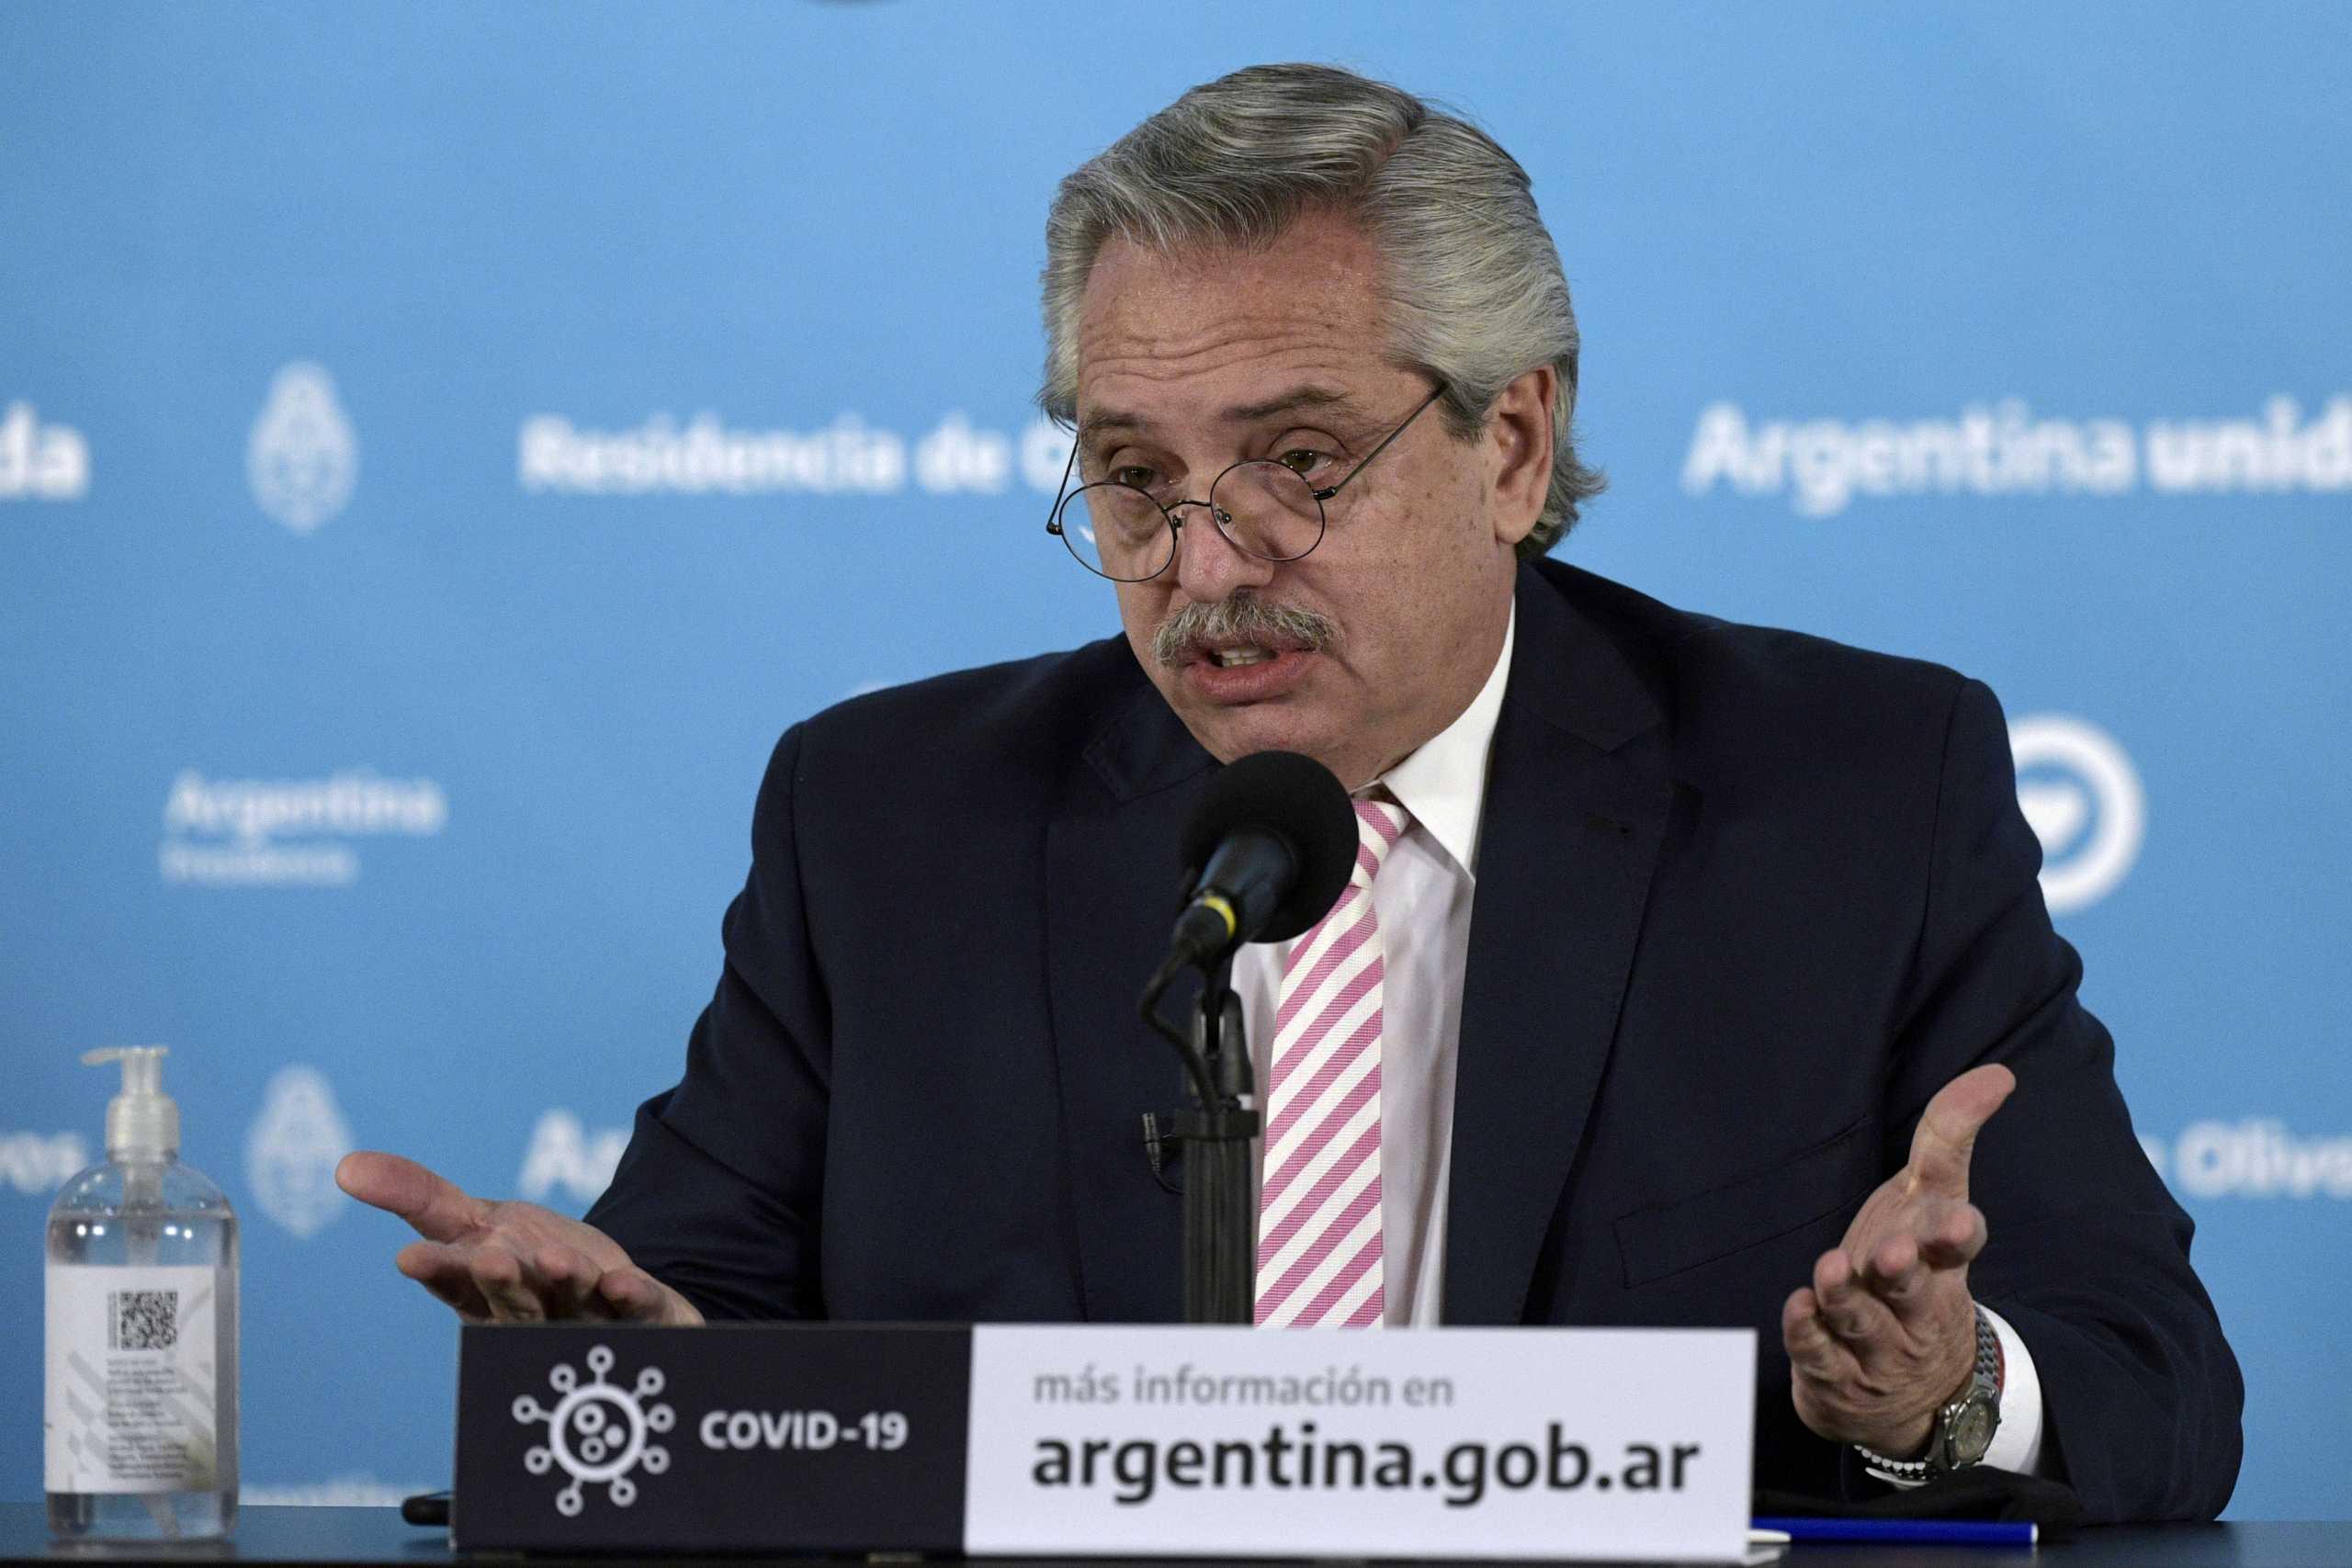 Θετικός στον κορονοϊό ο πρόεδρος της Αργεντινής – Το έμαθε ανήμερα των γενεθλίων του